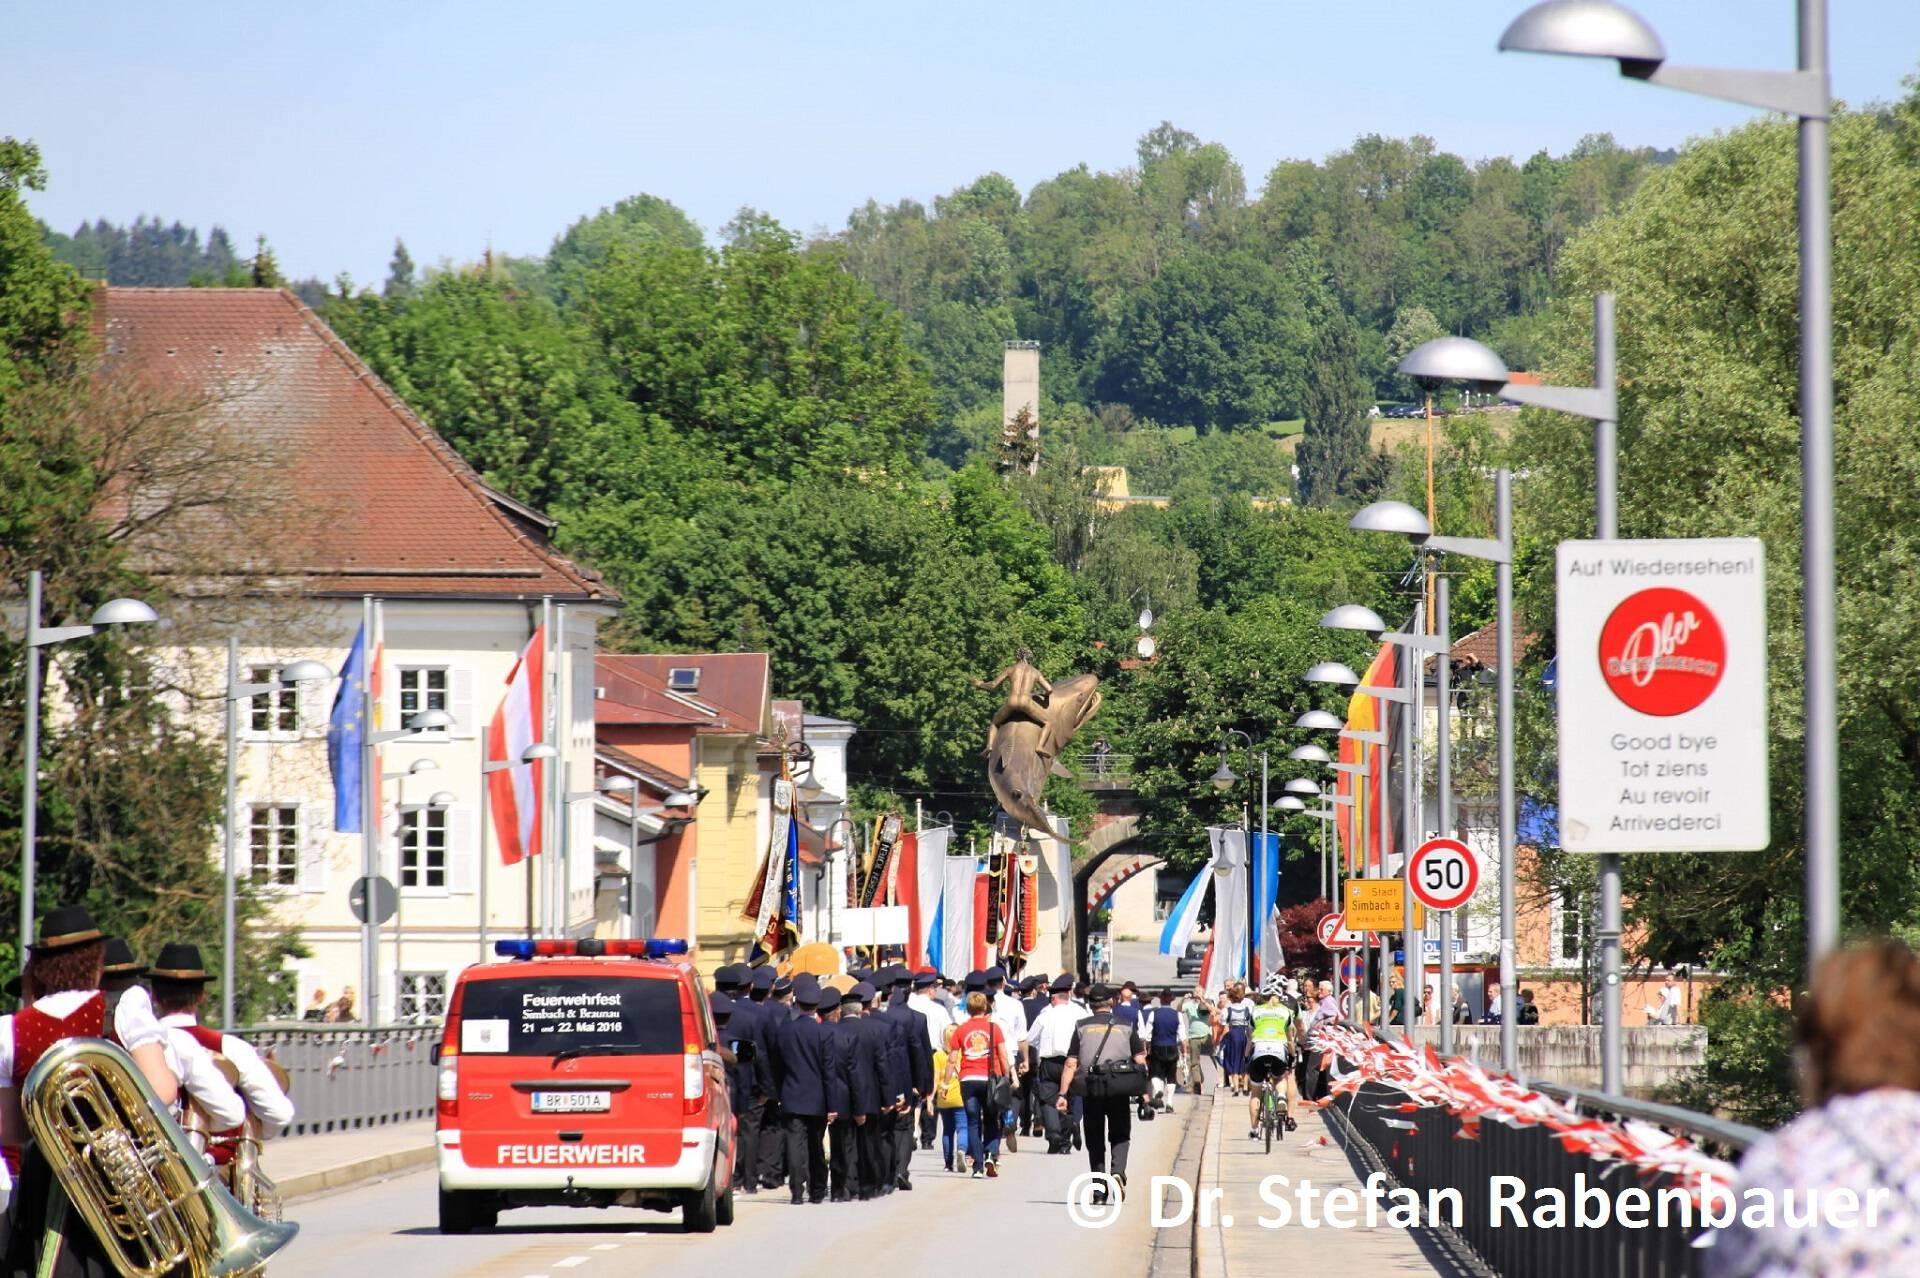 Festzug zum Kirchenplatz (8)